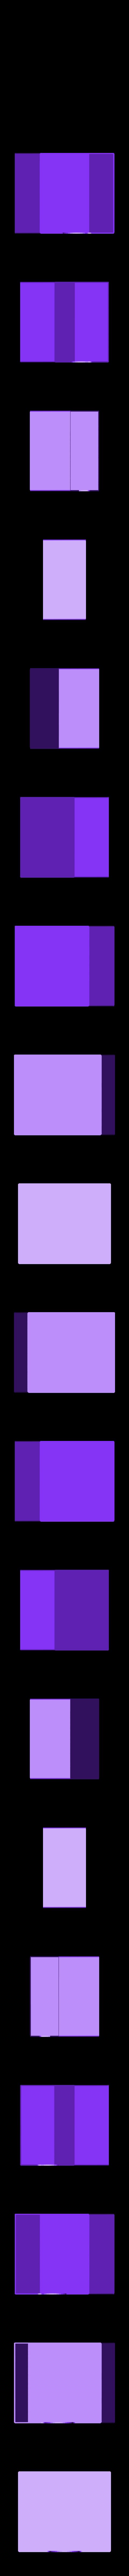 Makeup Organizer Box2.STL Télécharger fichier STL gratuit Boîte de rangement pour le maquillage • Objet imprimable en 3D, Cerega